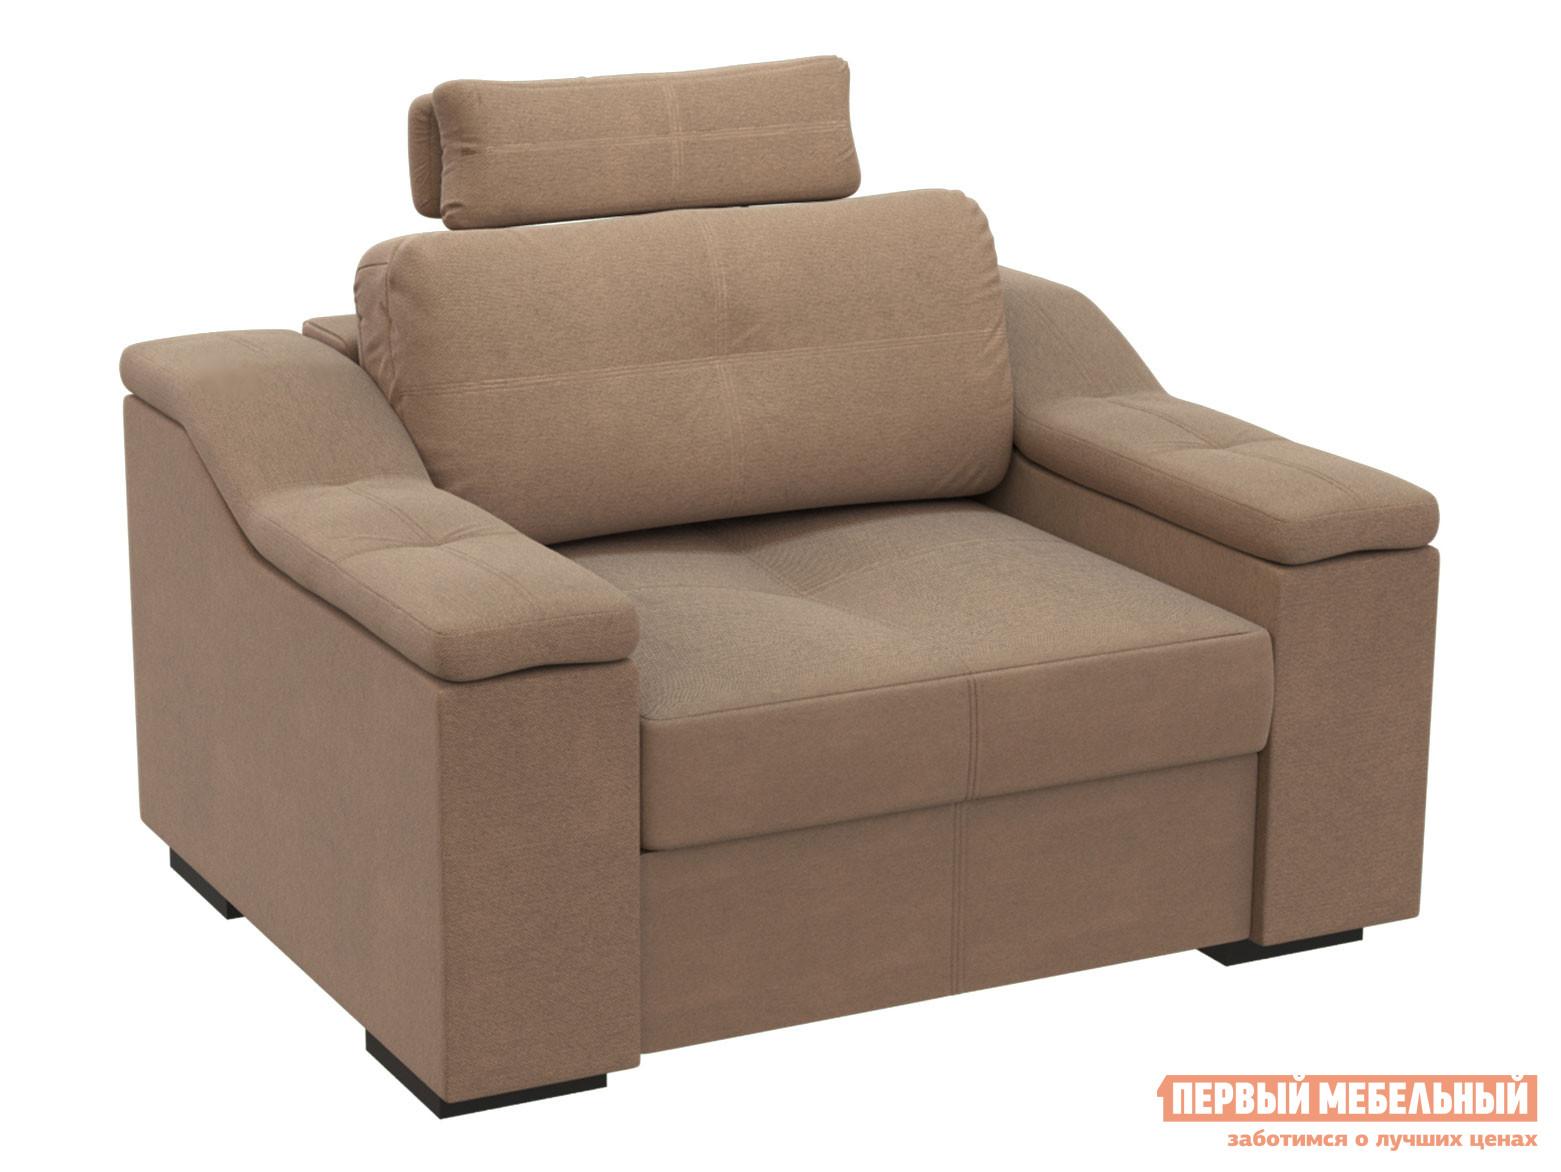 Кресло Первый Мебельный Кресло Триумф кресло первый мебельный либерти